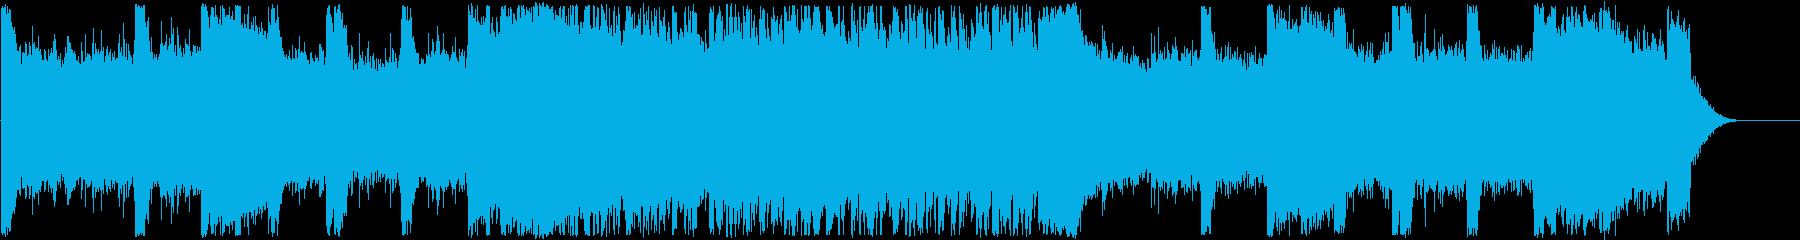 オープニング・ゲーム・かっこいいロックの再生済みの波形